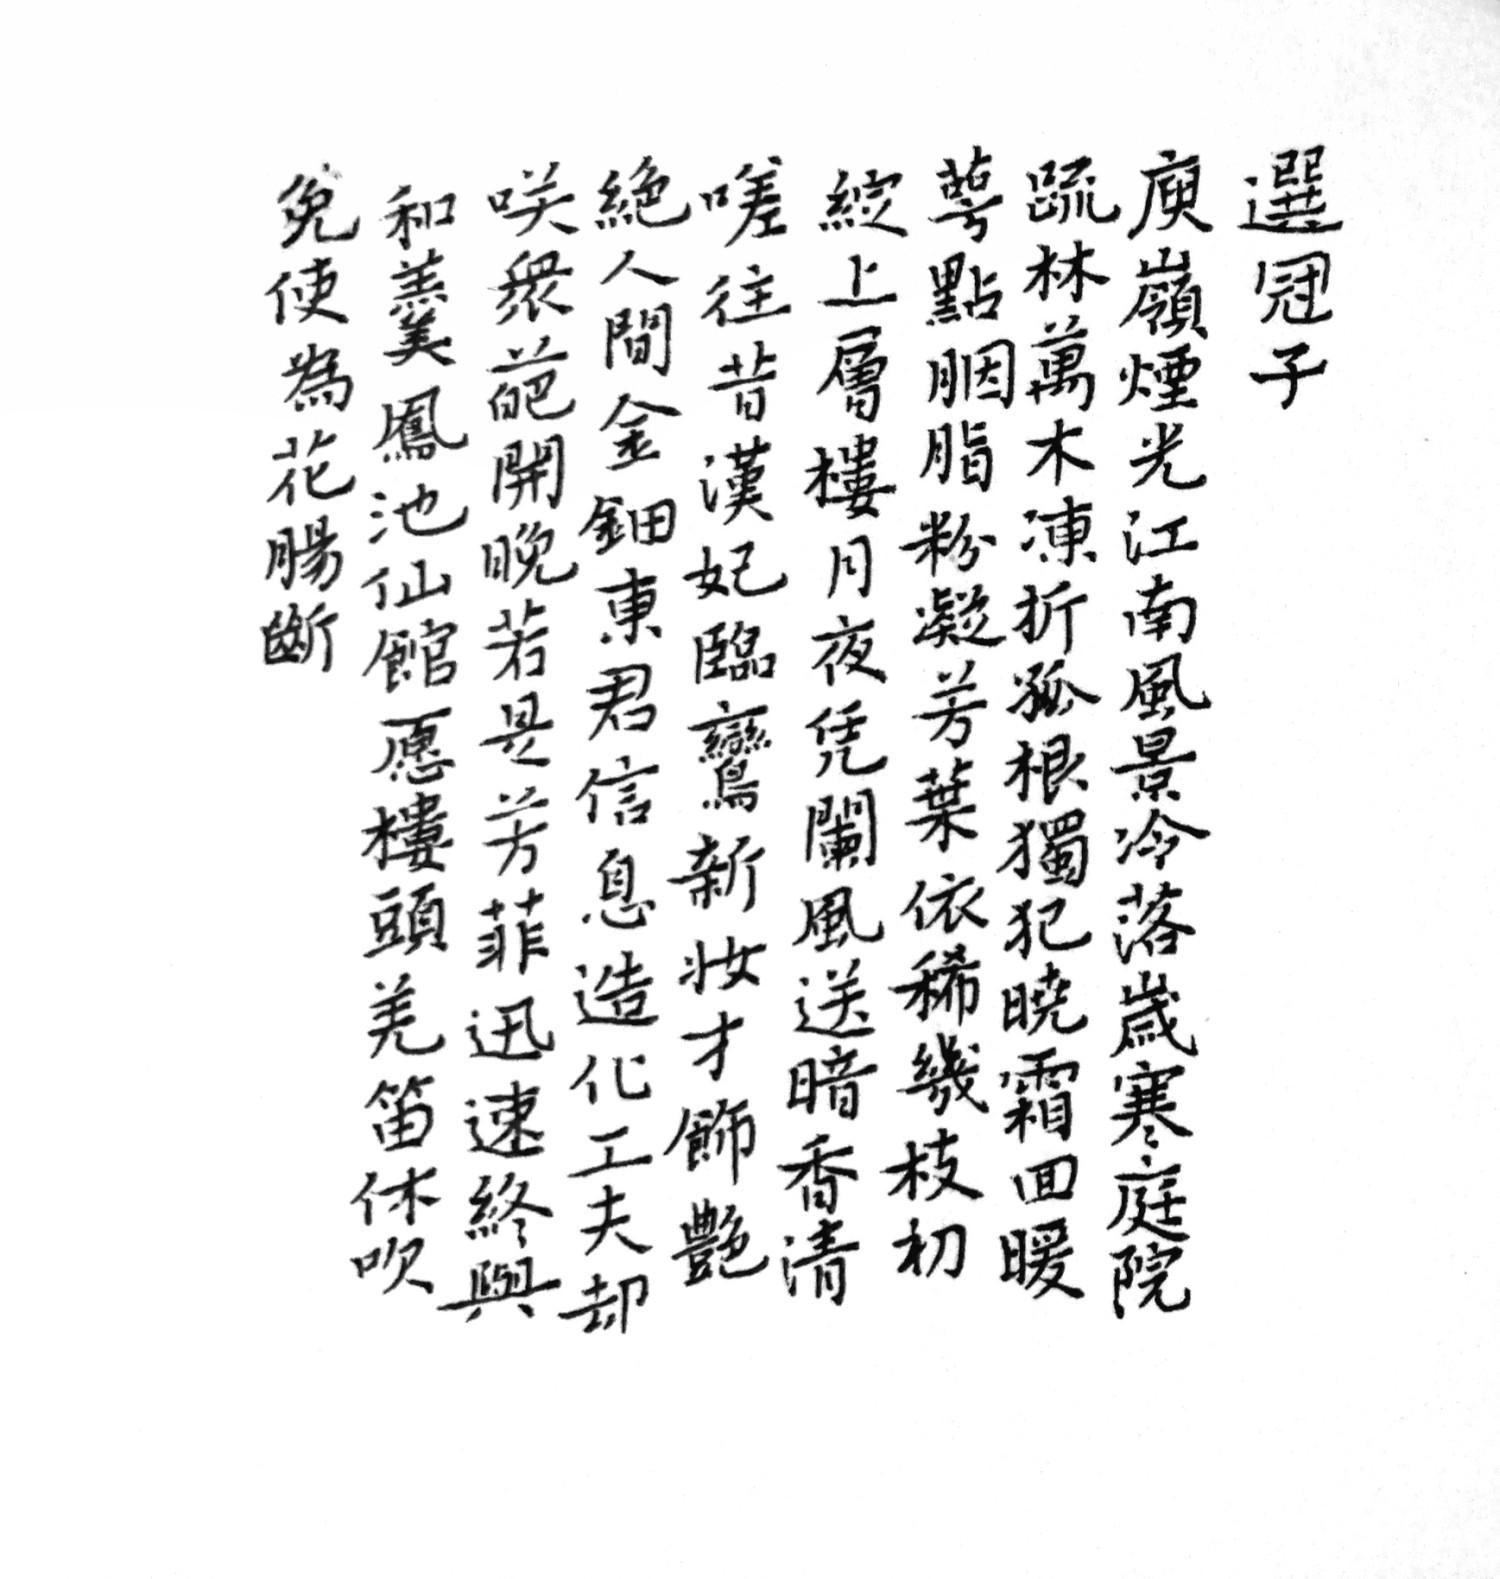 钢笔书法练字打卡20210622-16